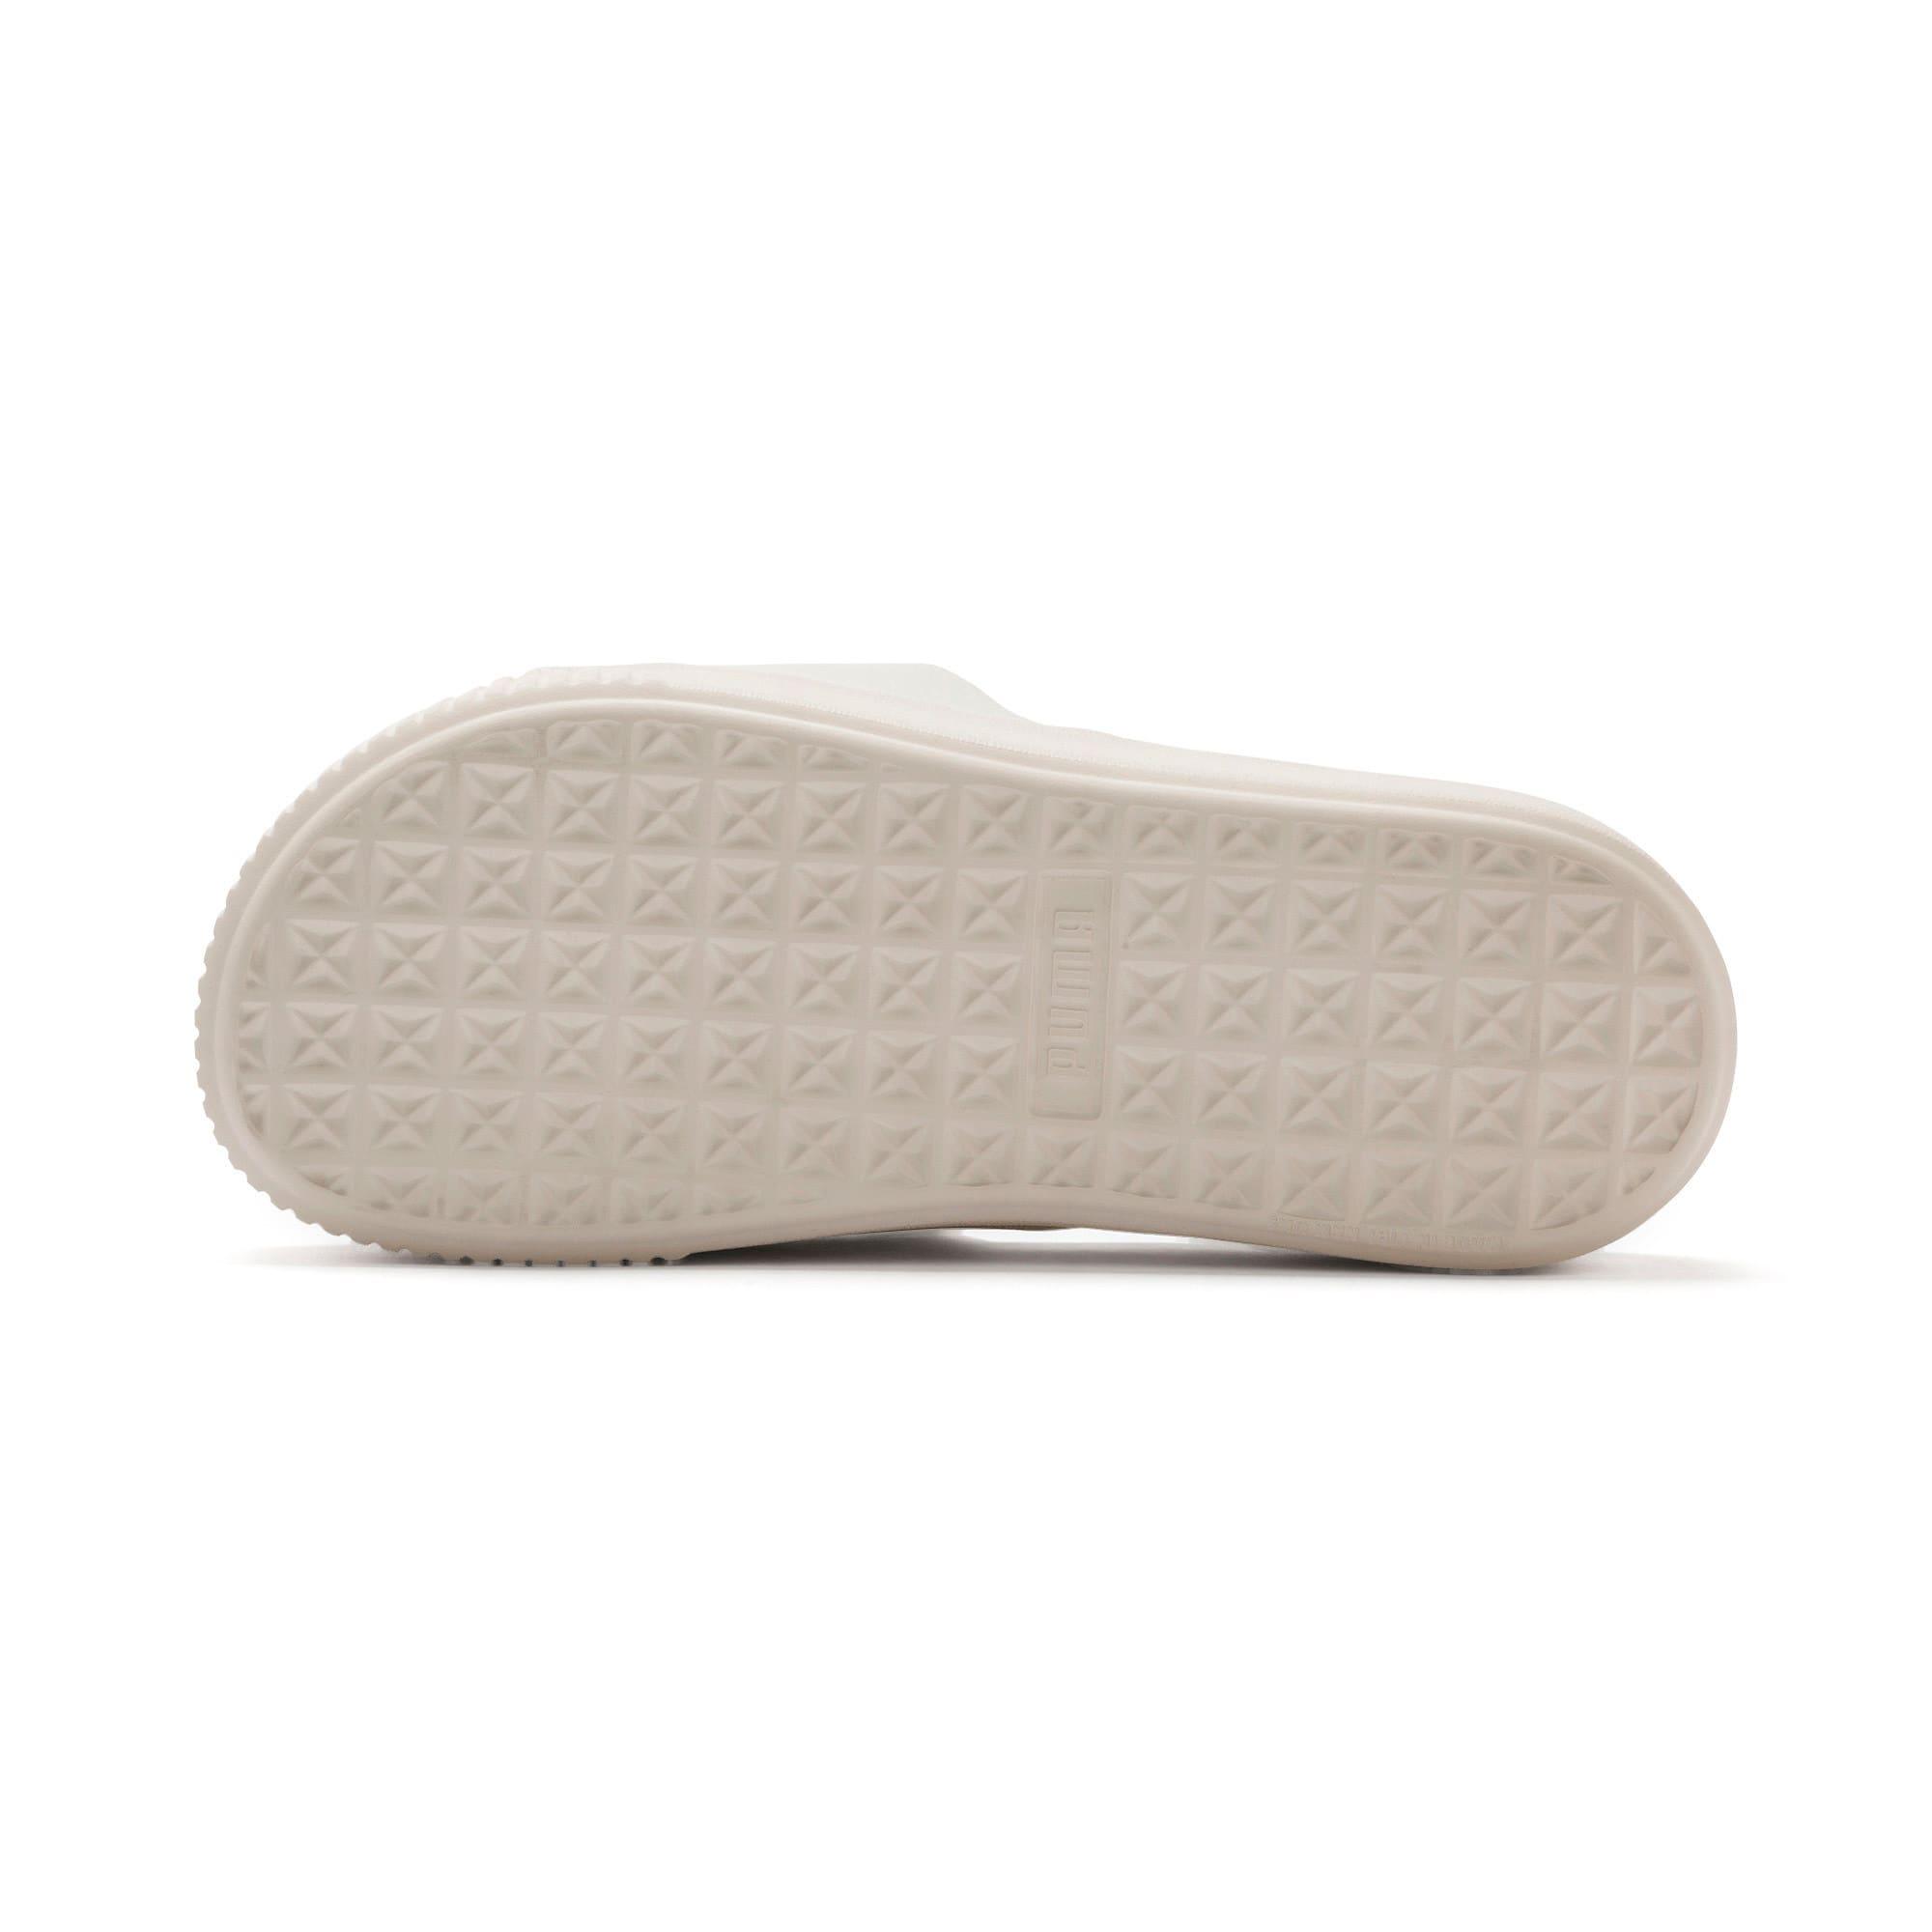 Thumbnail 4 of Platform Slide Women's Sandals, Pastel Parchment-Pastel Par., medium